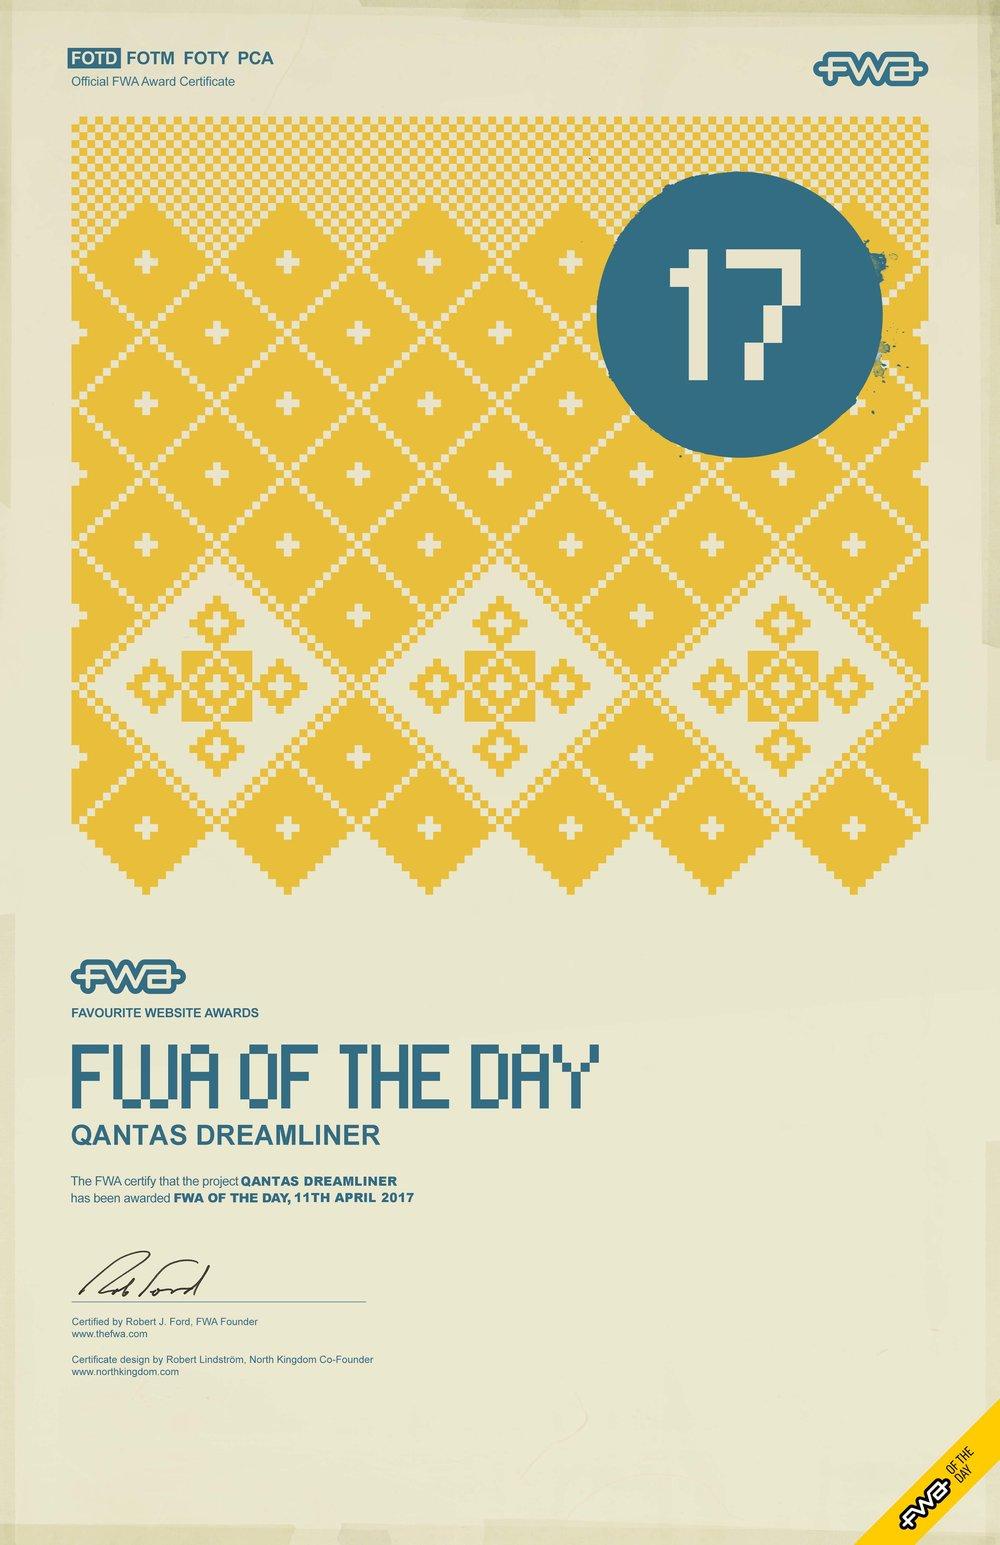 FWA SOTD -